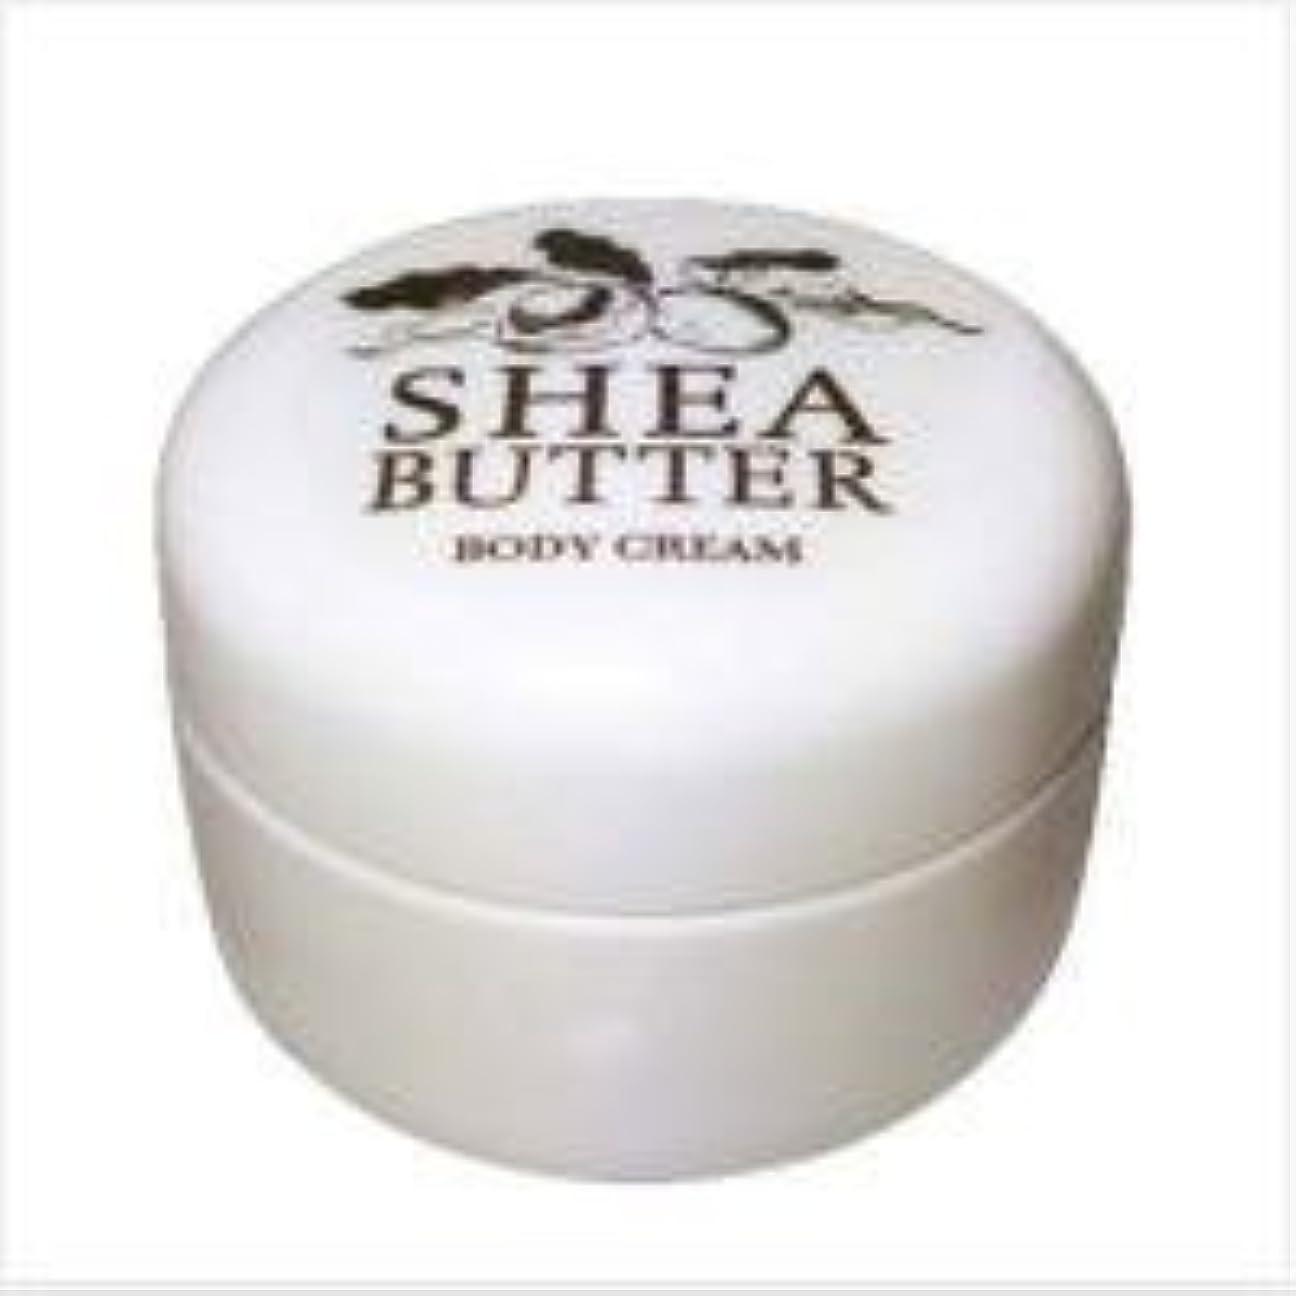 論争的唇量で生活の木 シアバター ボディクリーム 140g